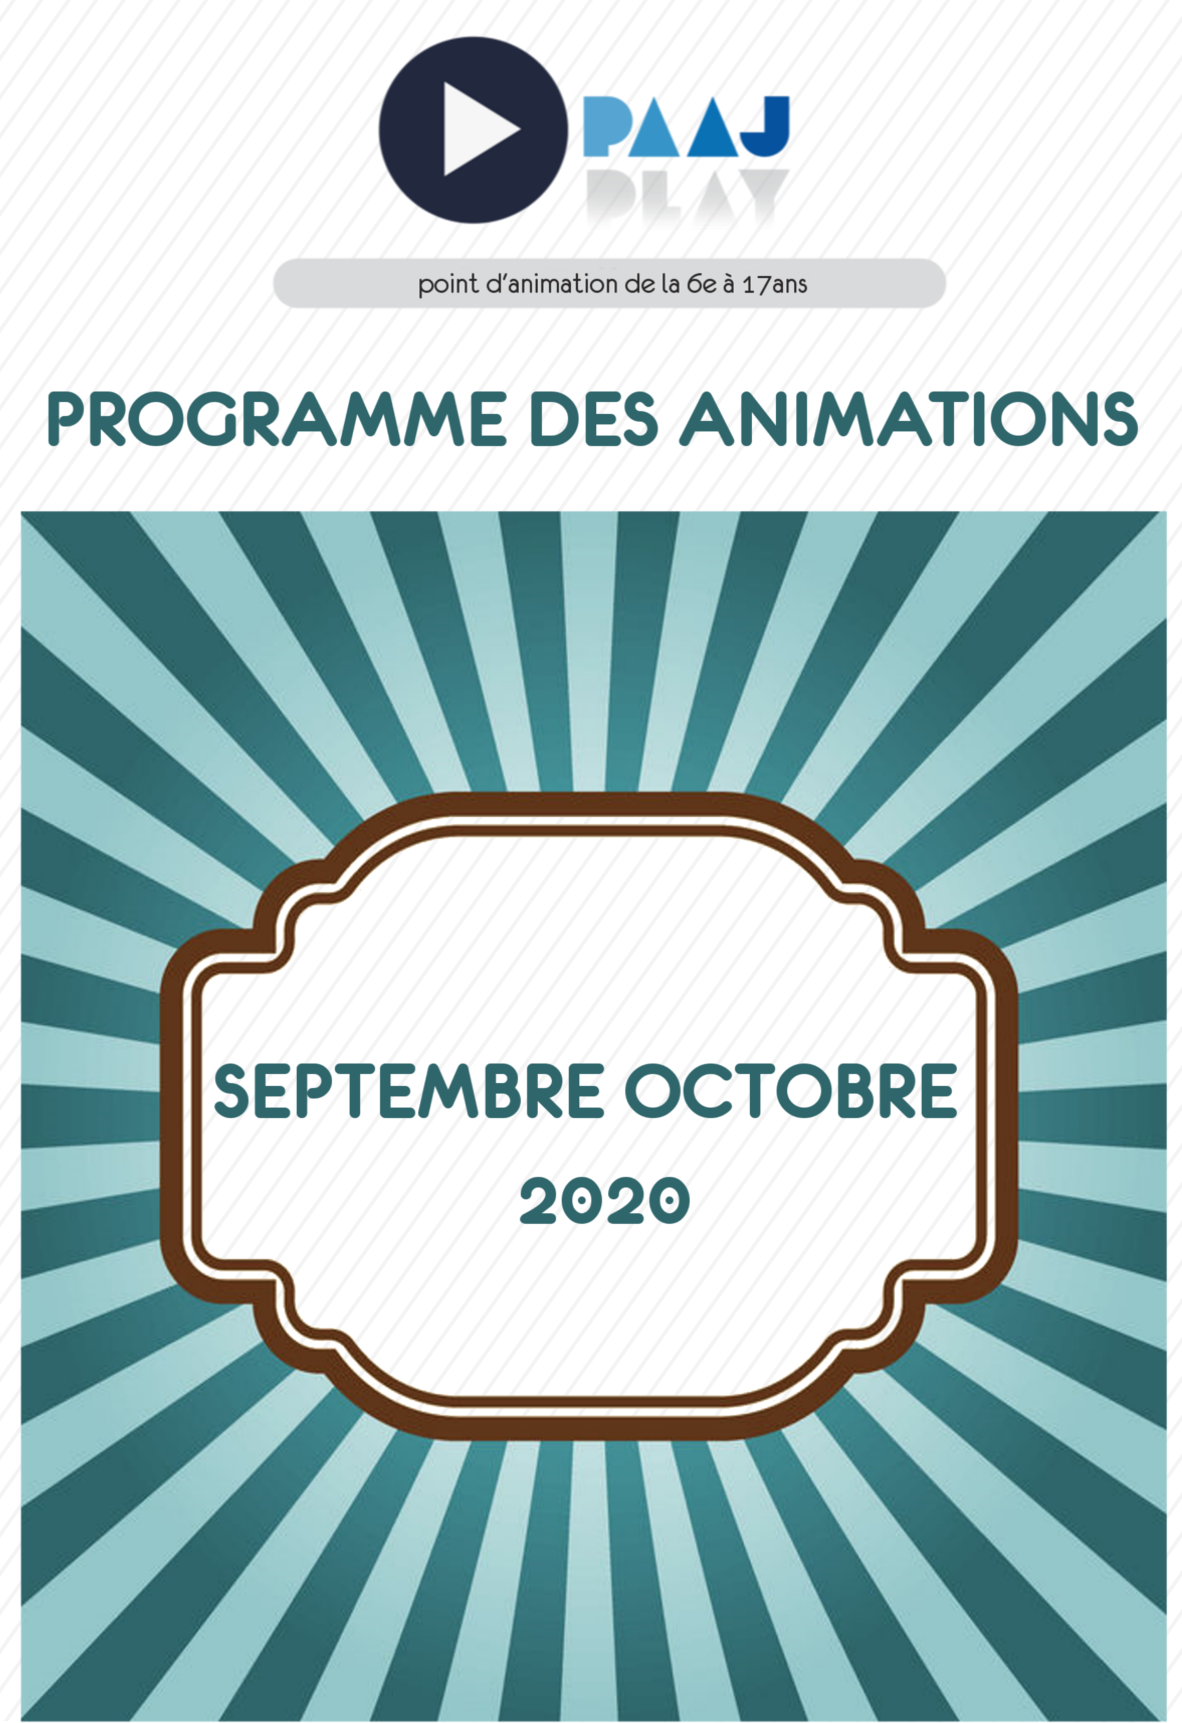 PAAJ : programme des animations septembre et octobre 2020